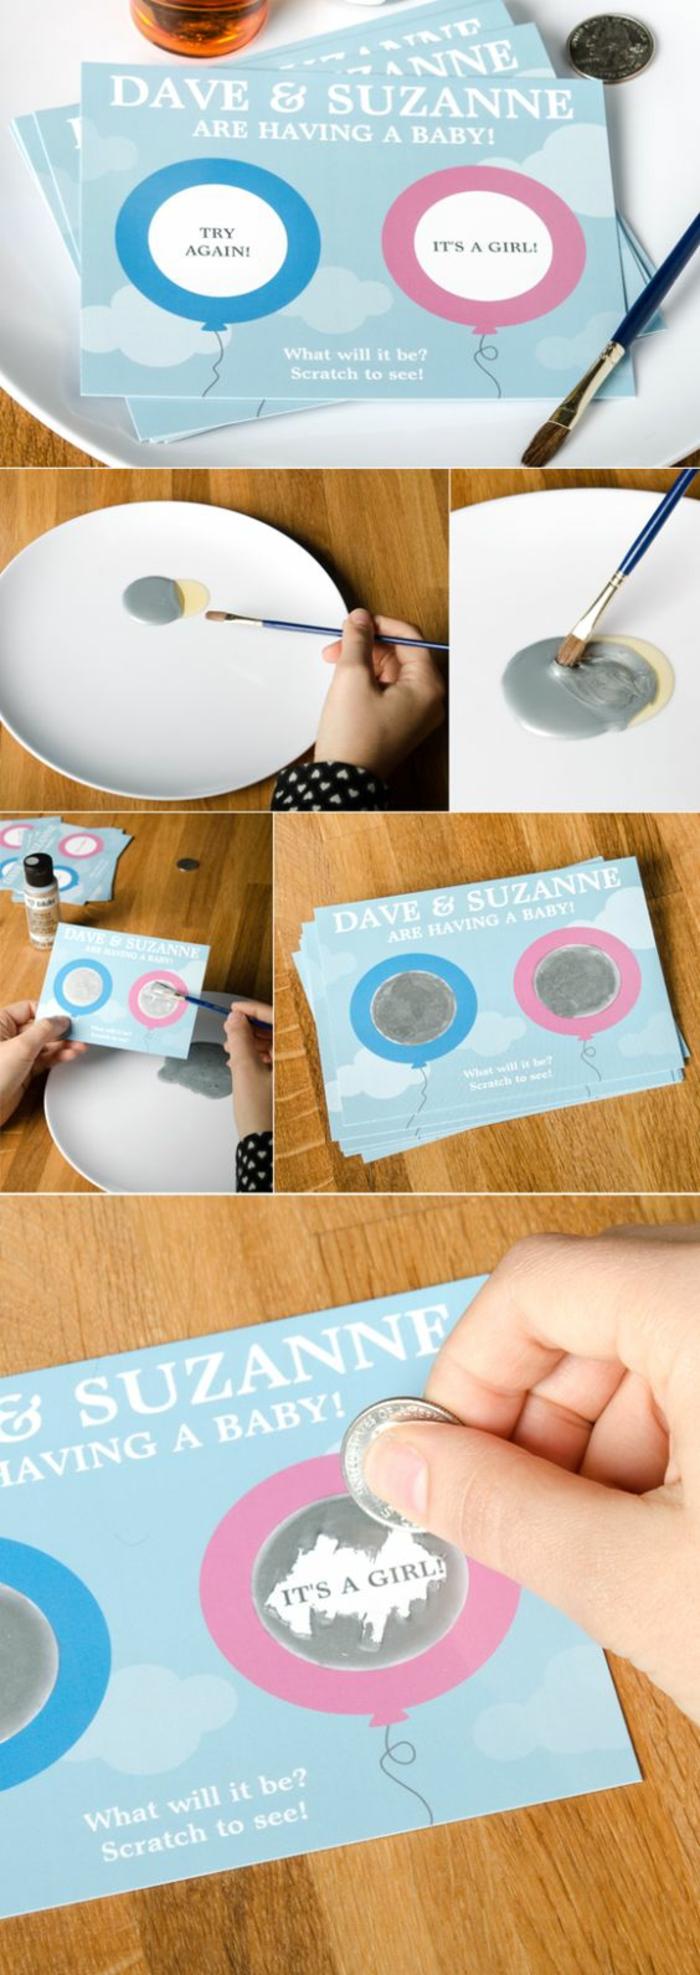 idée originale pour une baby shower garçon ou fille, carte à gratter qui révèle le sexe du bébé